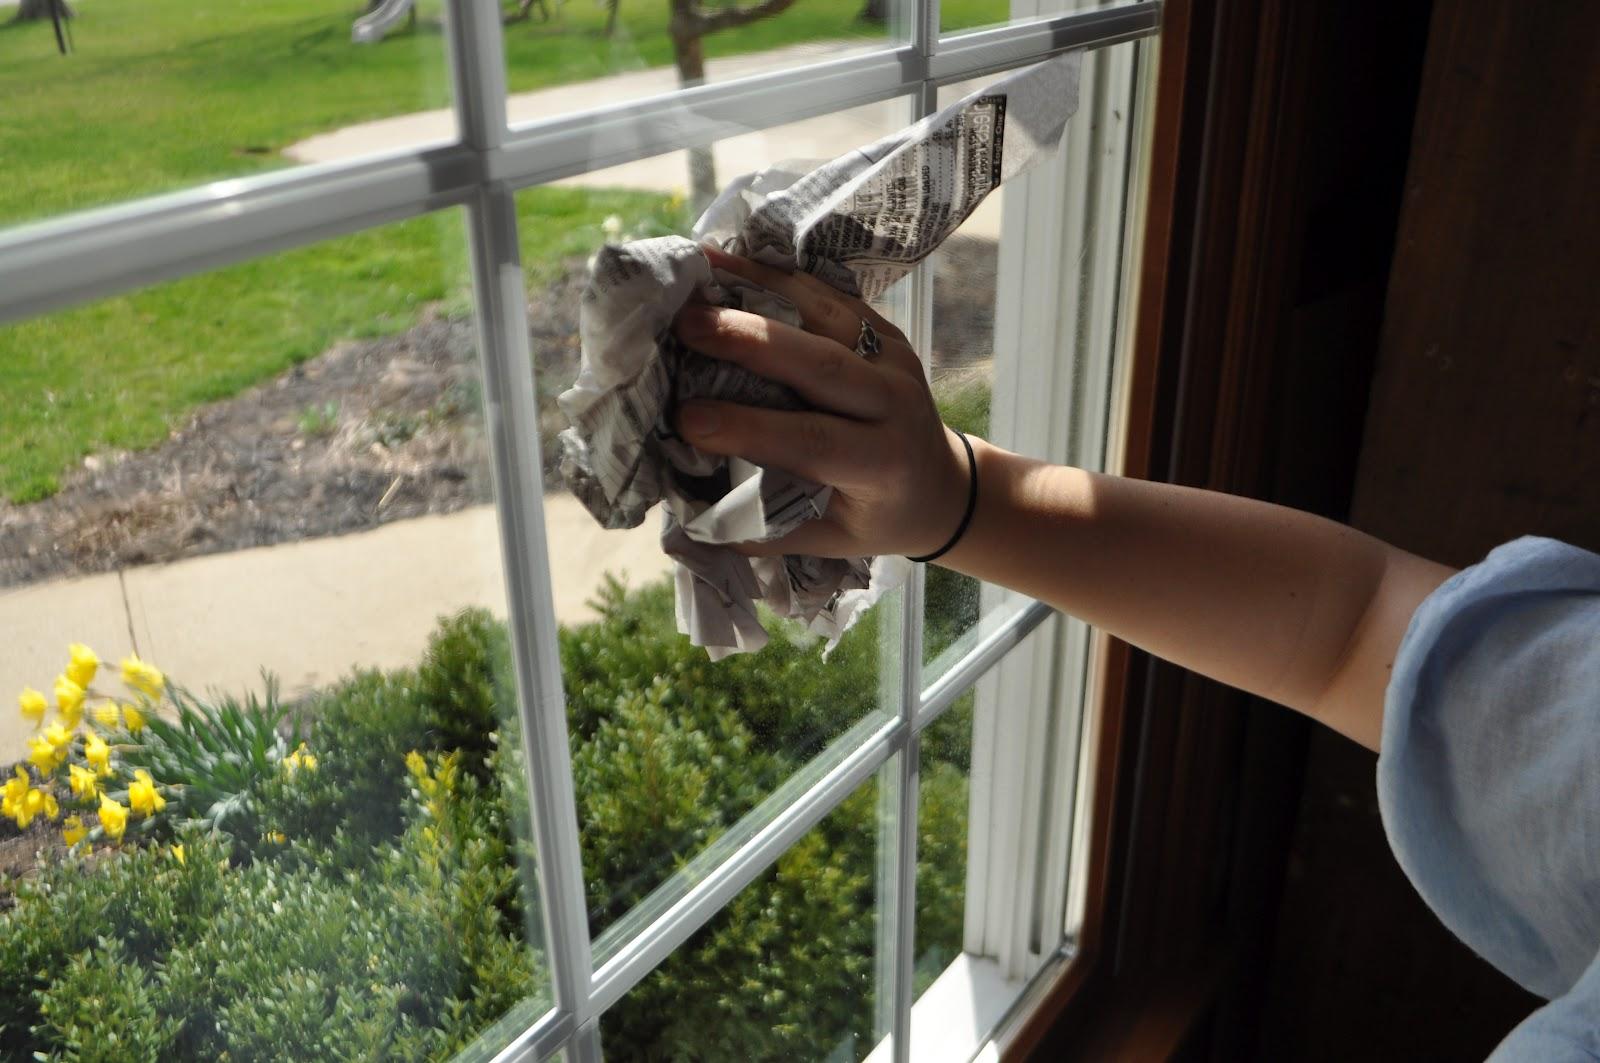 صورة انحدار وإغلاق الصحافة الورقية يقلق المواطنين بكيفية تنظيف النوافذ